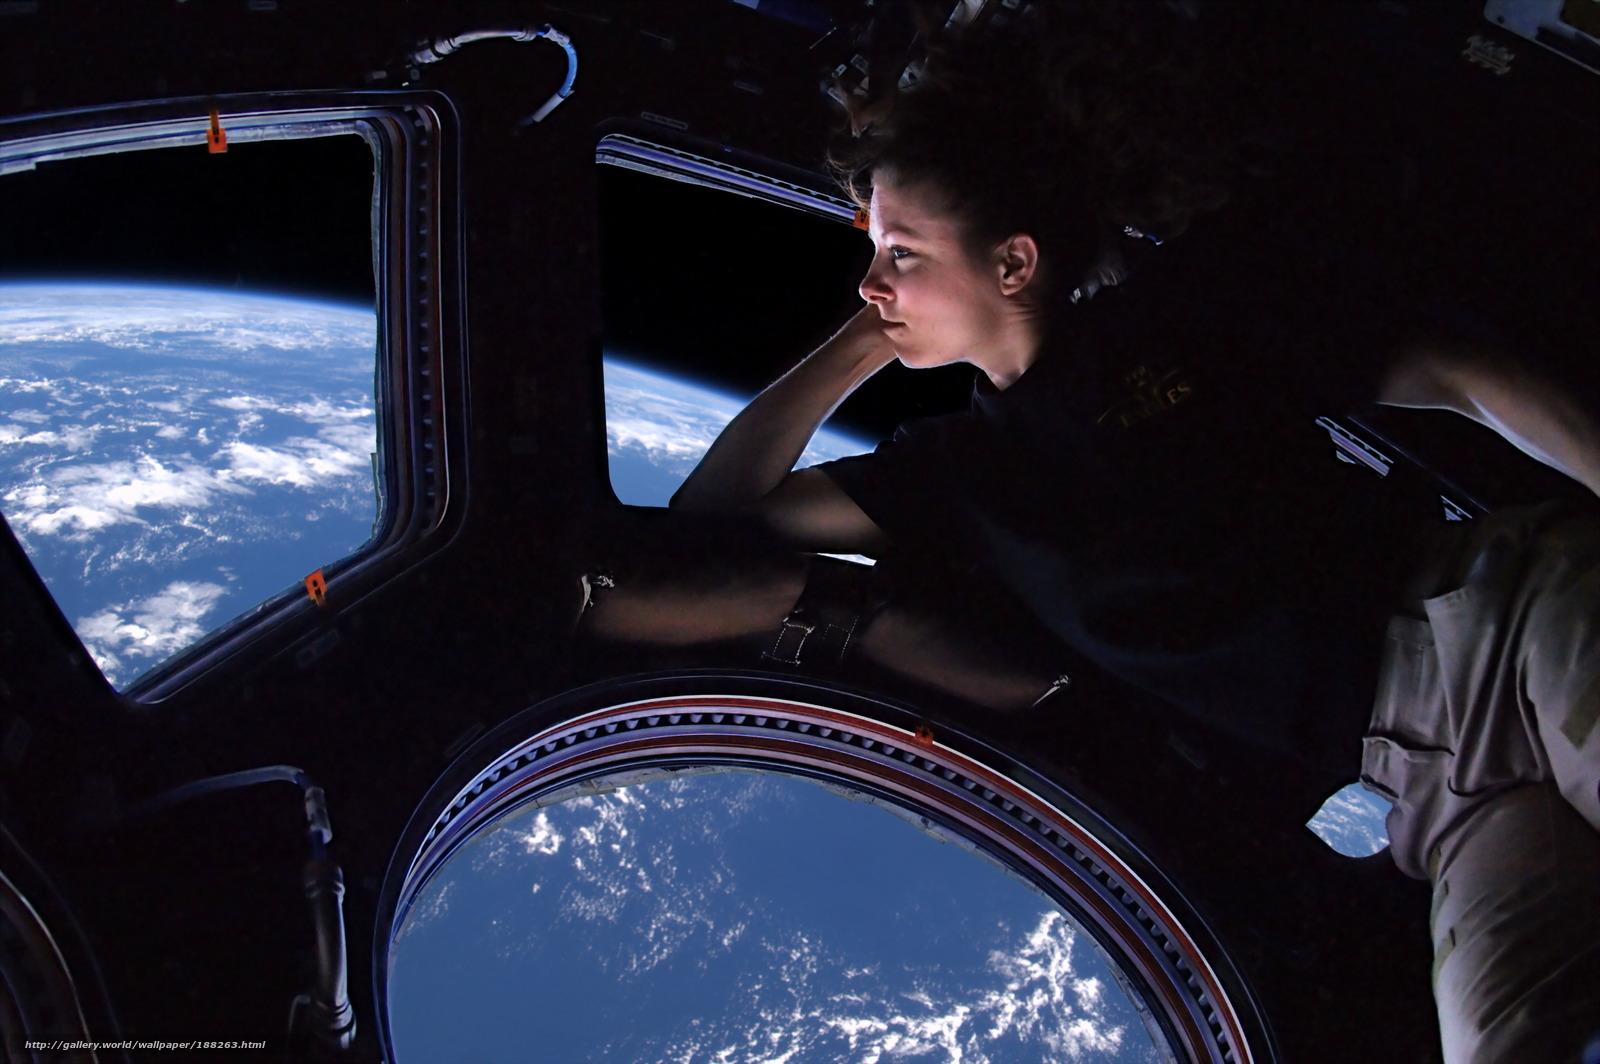 壁紙をダウンロード 宇宙船 ウィンドウ 惑星 デスクトップの解像度のための無料壁紙 3600x2395 絵 1863